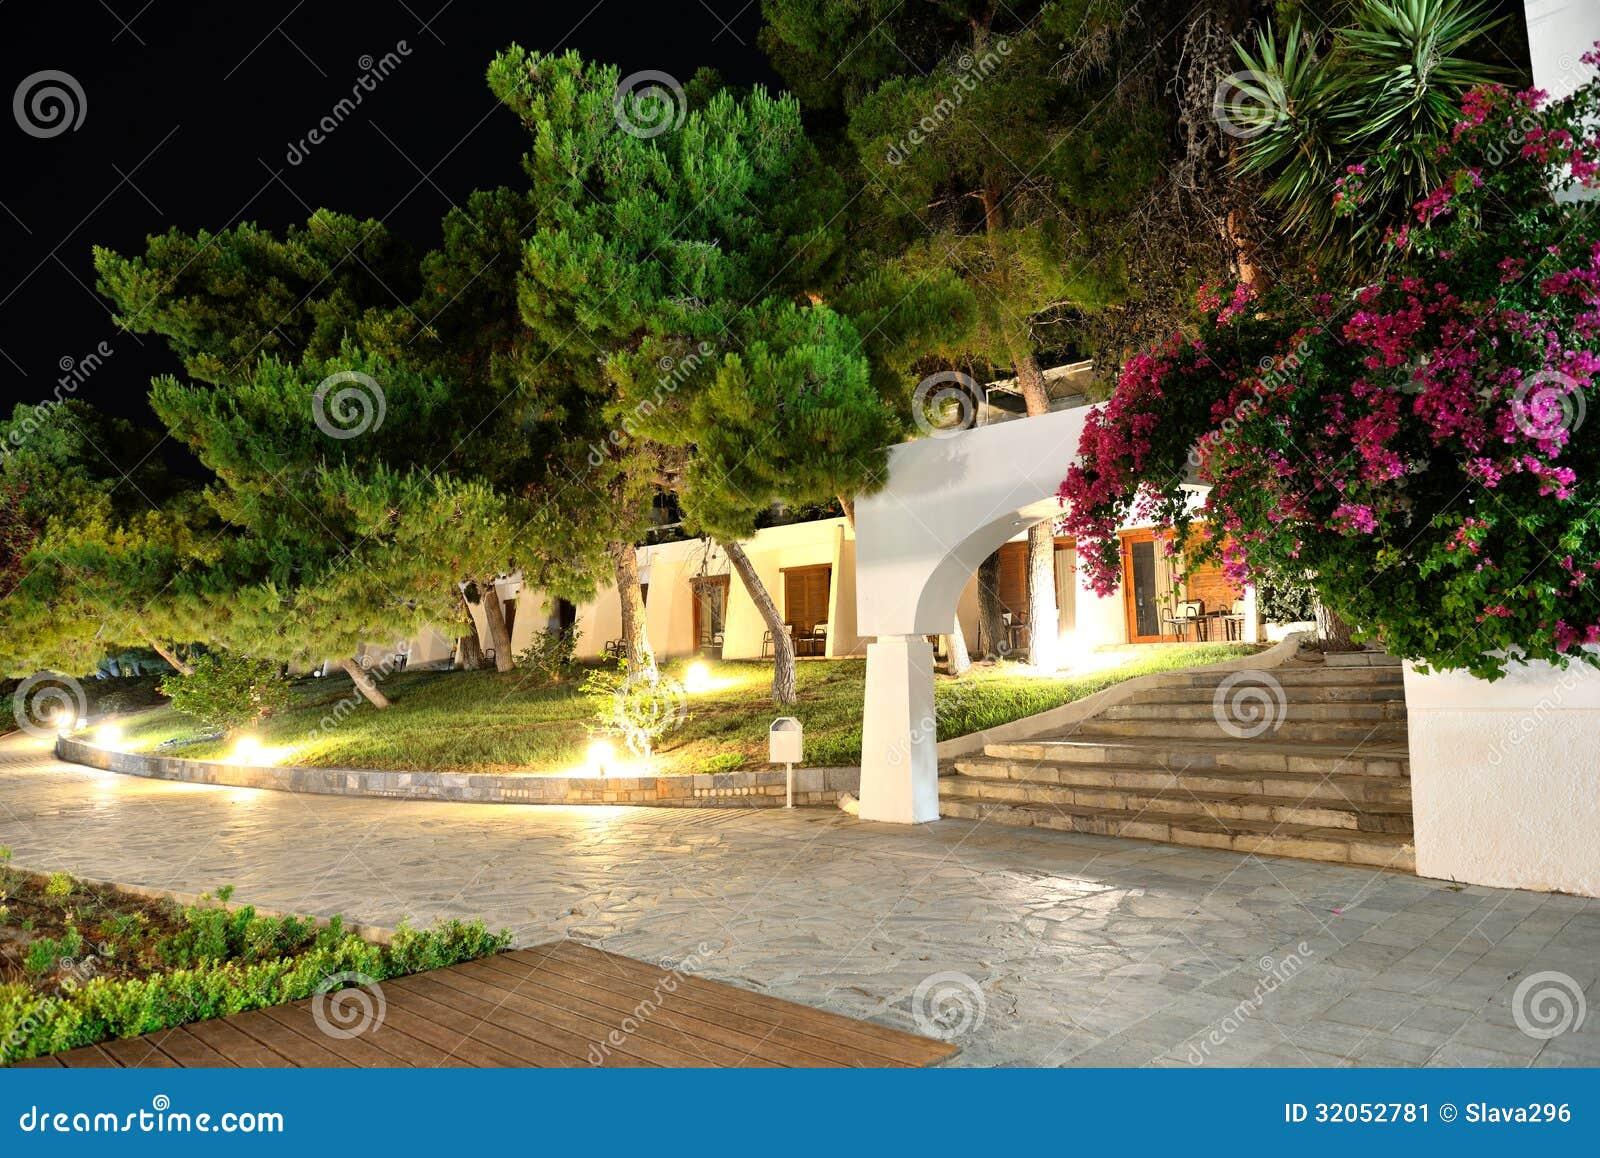 ville illuminate all 39 albergo di lusso immagine stock